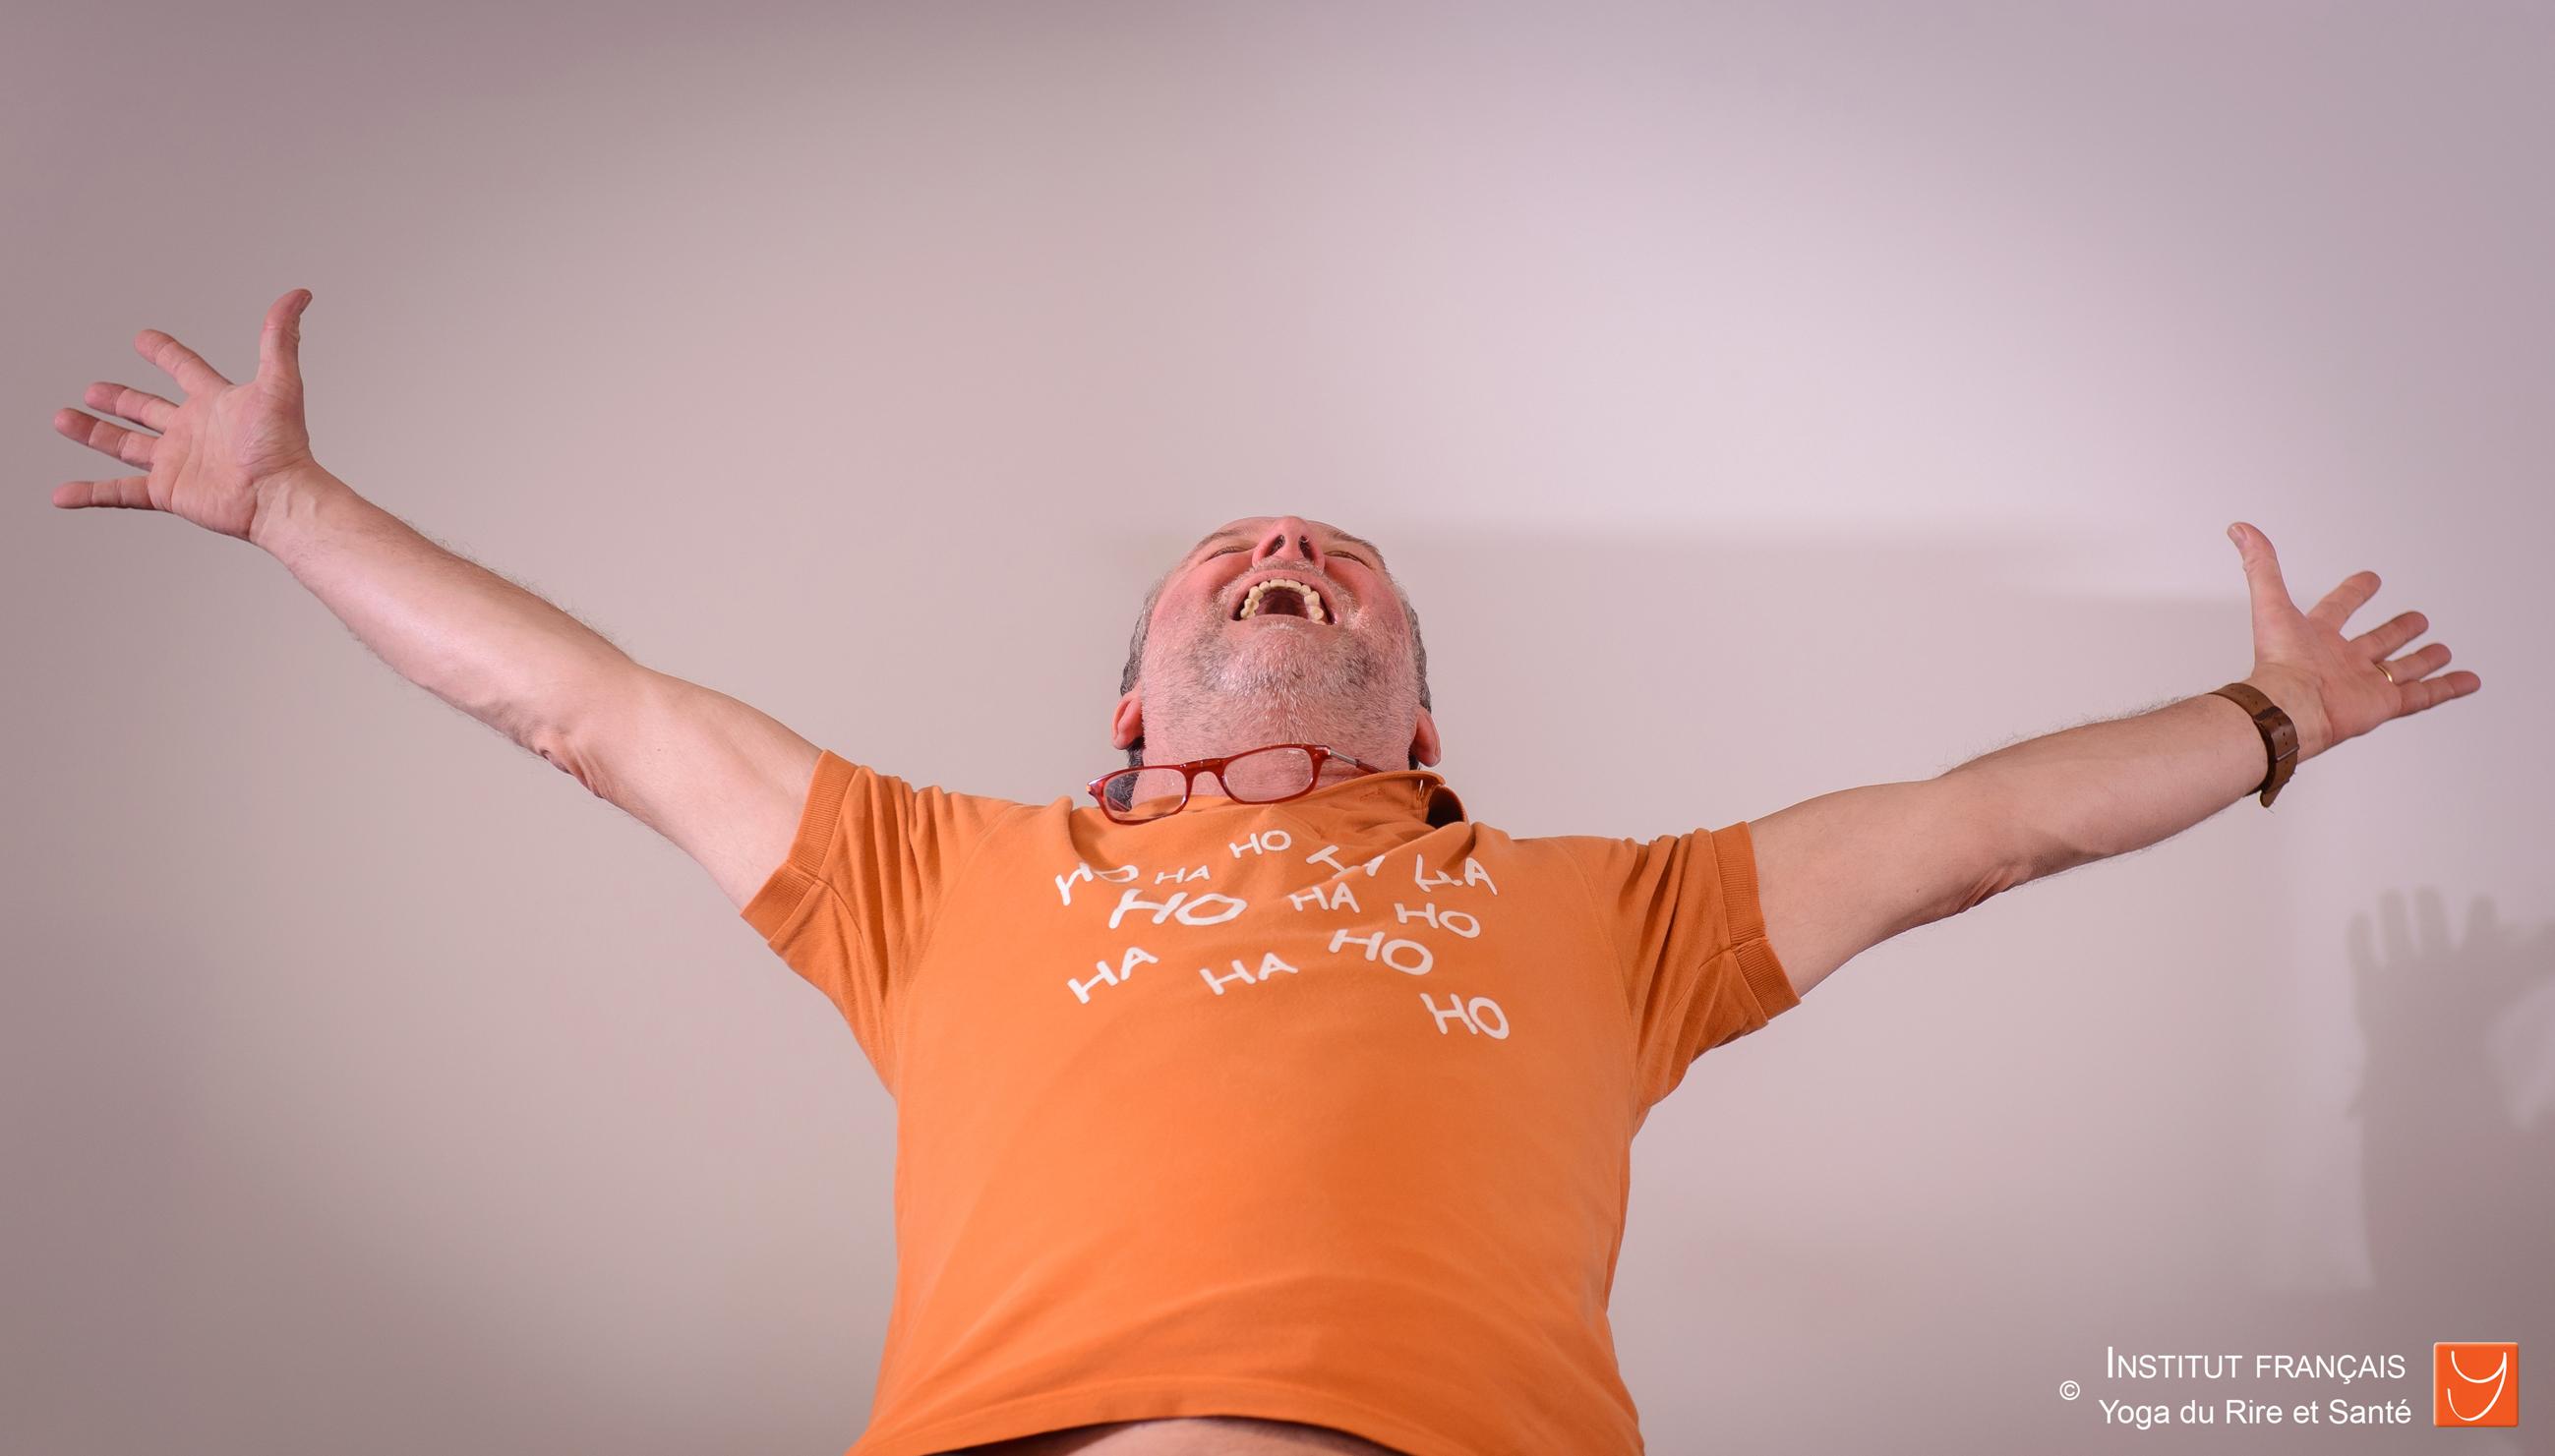 Animateur pro yoga du rire club de rire yoga du rire sant for Animateur en maison de retraite salaire